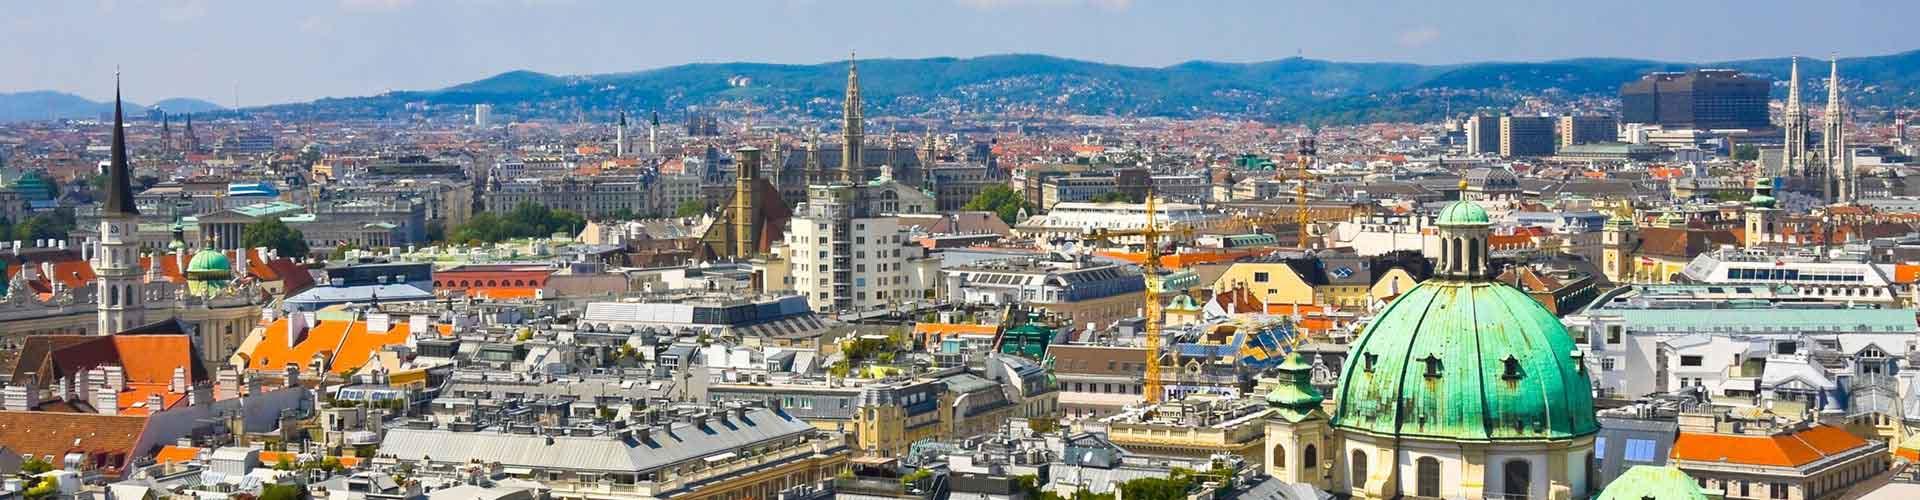 Viena – Hostels em Viena. Mapas para Viena, Fotos e Avaliações para cada Hostels em Viena.